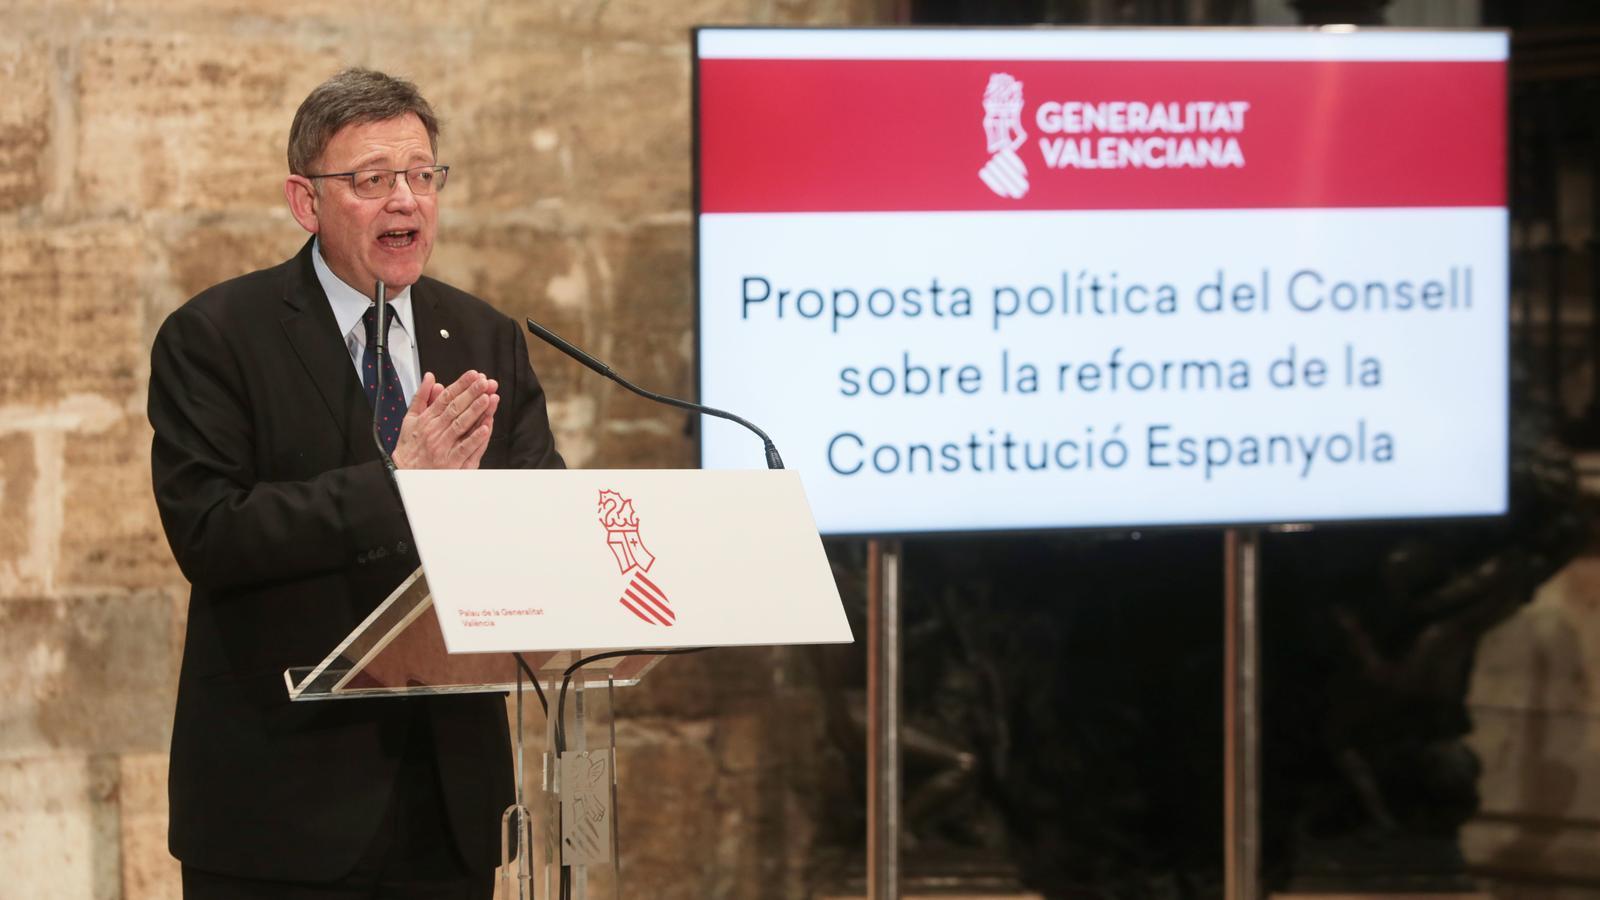 La Generalitat Valenciana impulsa una reforma federal